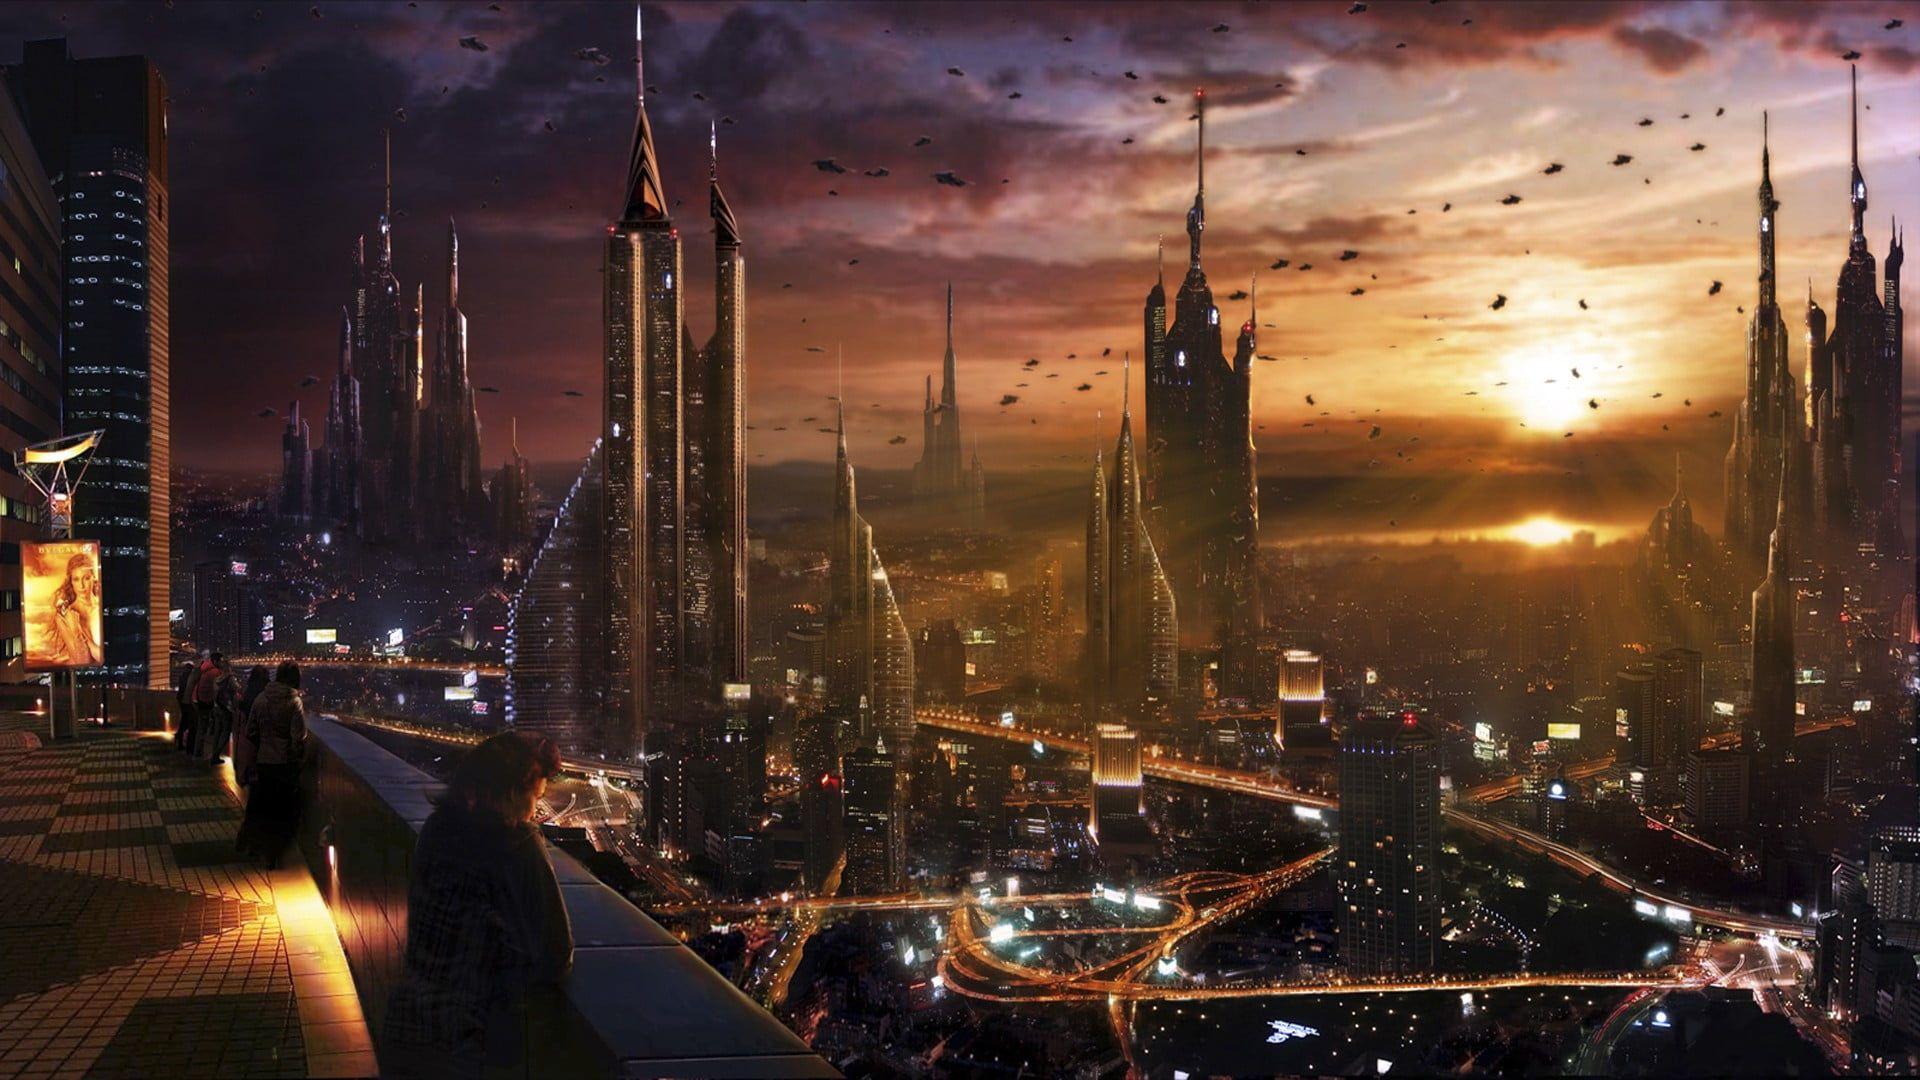 Futuristic Wallpaper Futuristic Art Of City Cityscape City Futuristic Science Fiction Futuristic City 1080 City Wallpaper Sci Fi Wallpaper Futuristic City